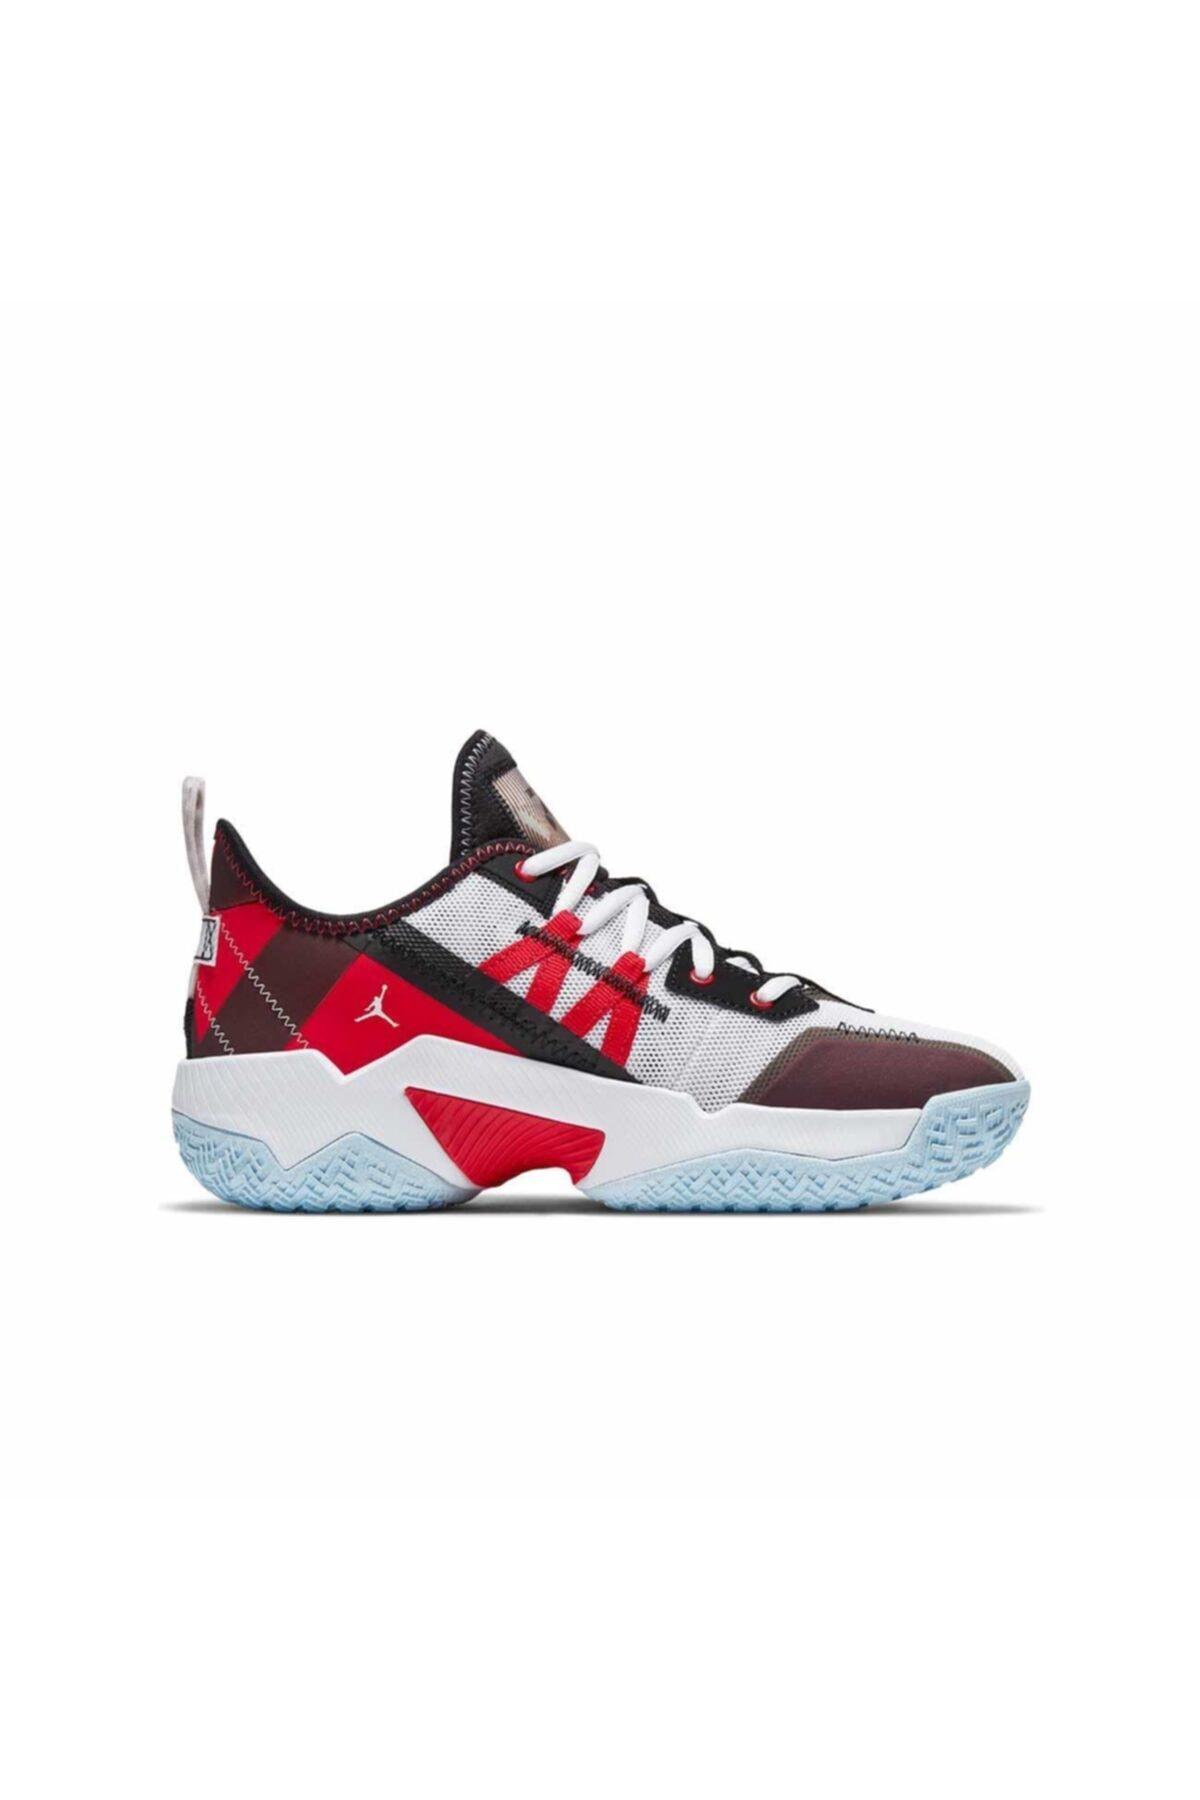 خرید نقدی کفش بسکتبال پاییزی مردانه برند Nike رنگ قرمز ty88791476